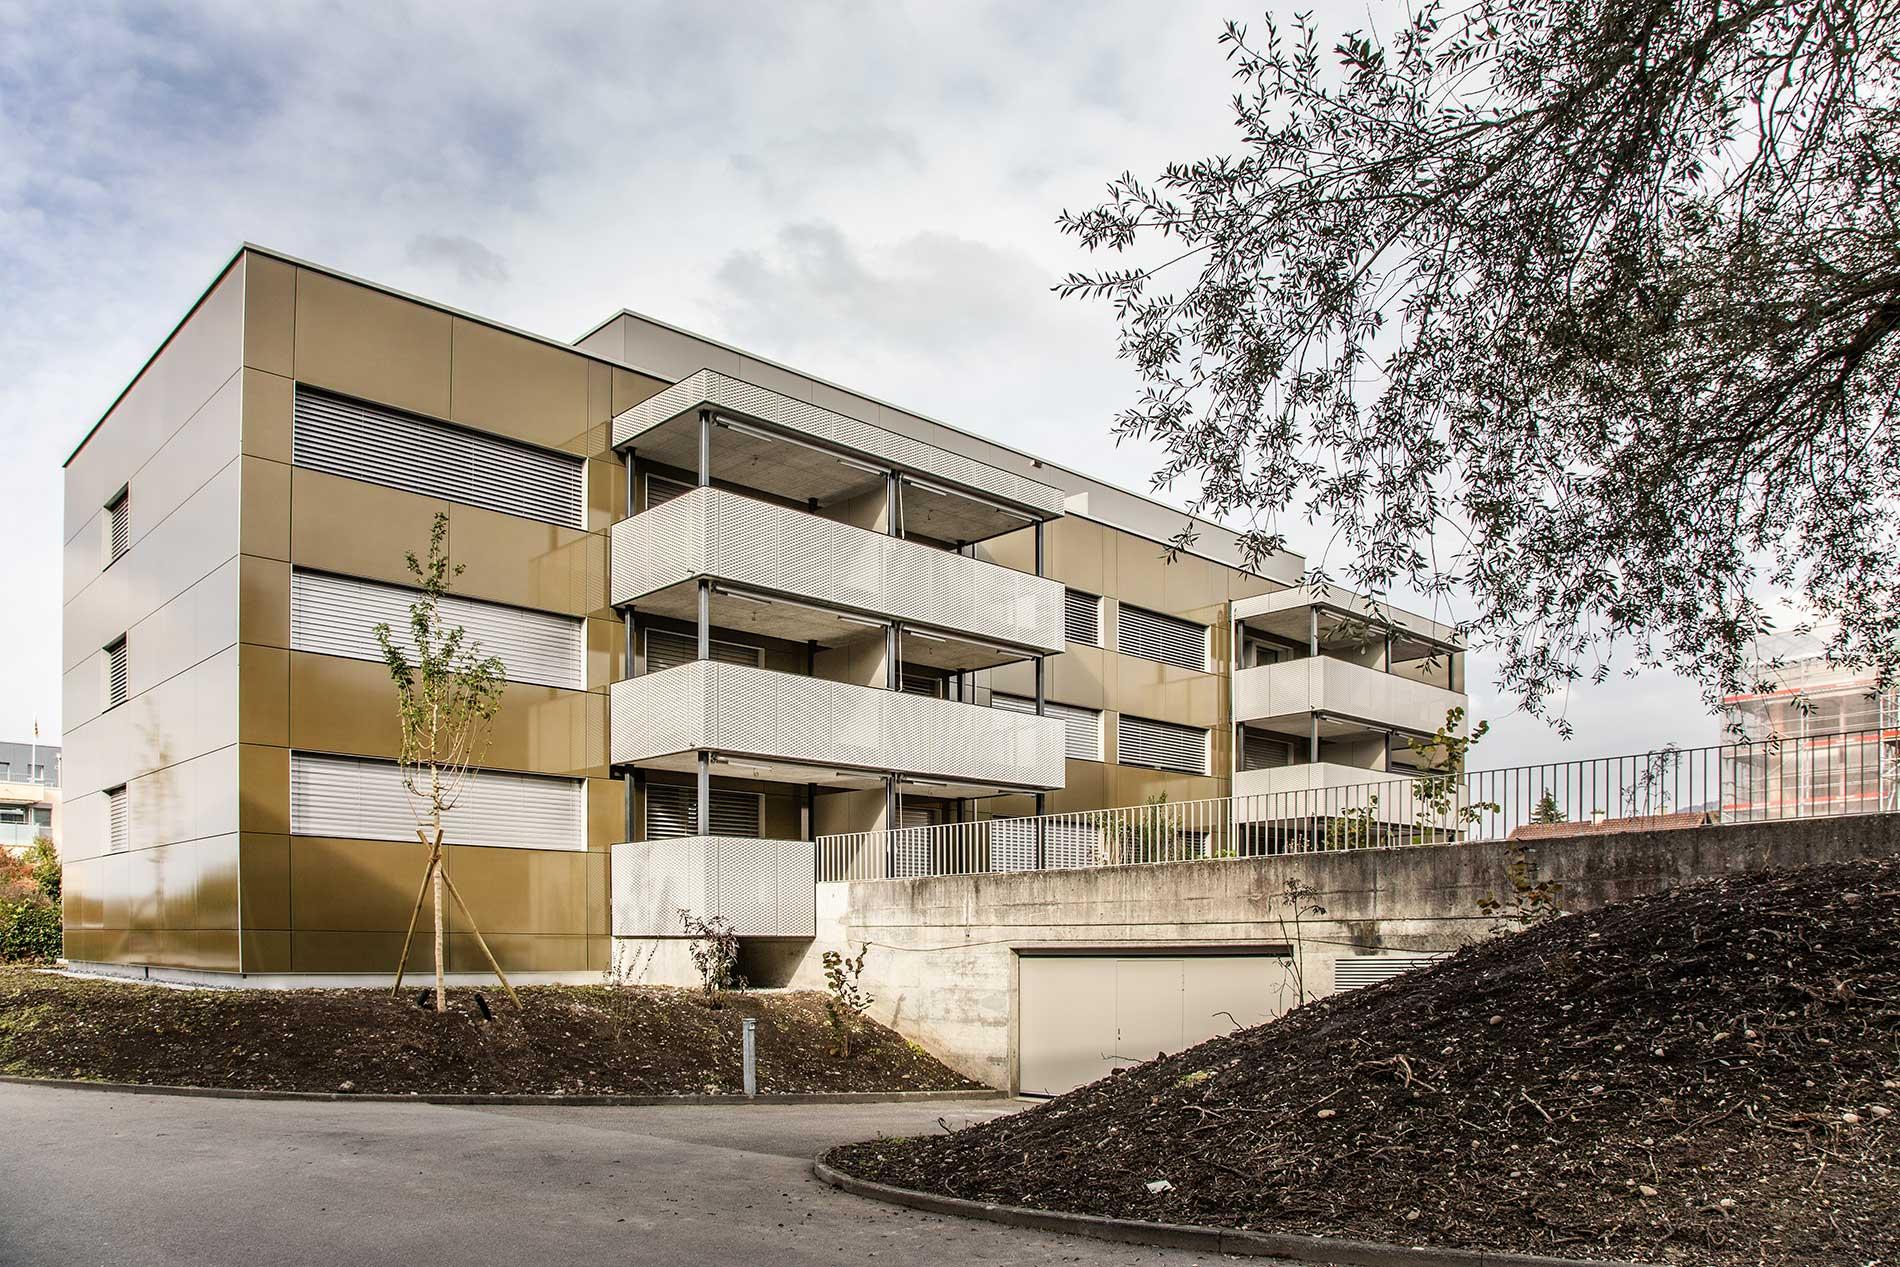 Les façades des trois bâtiments à énergie positive sont équipées de panneaux photovoltaïques et produisent de l'énergie électrique.